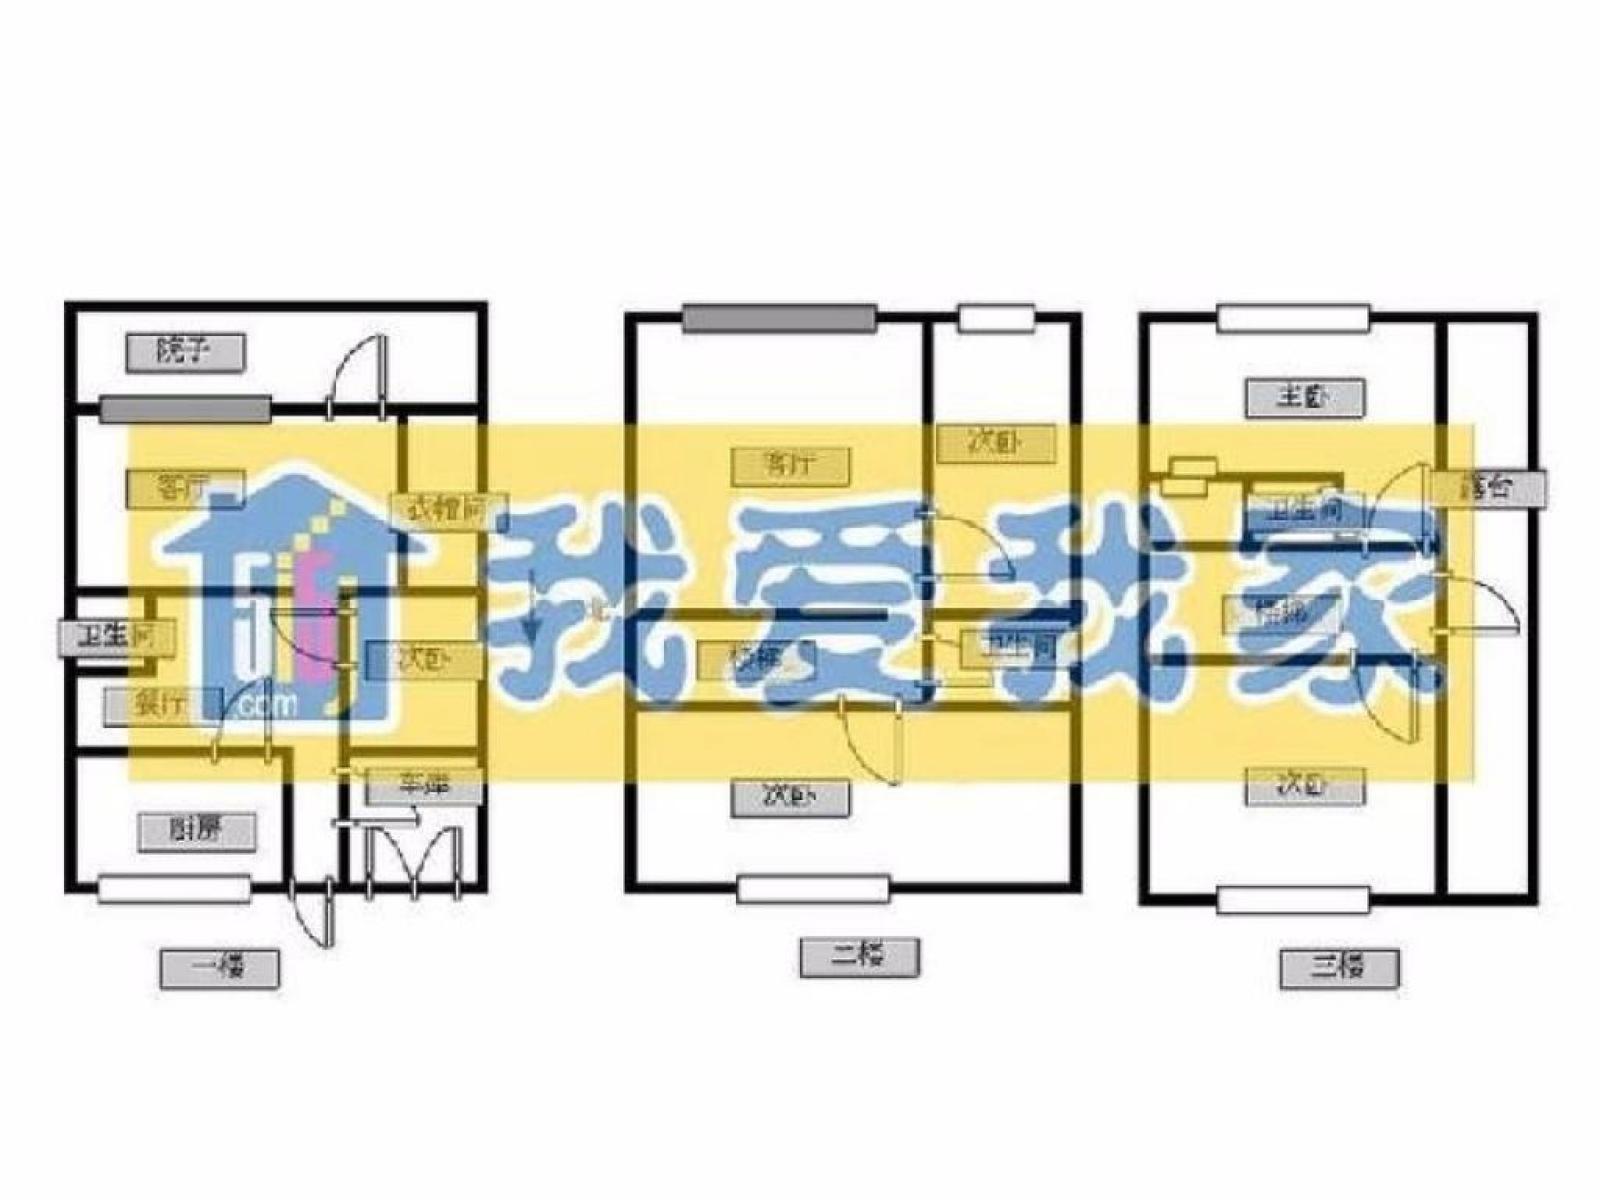 北京西路民国别墅独栋适合私人会所高端美容教育培训等交通便利